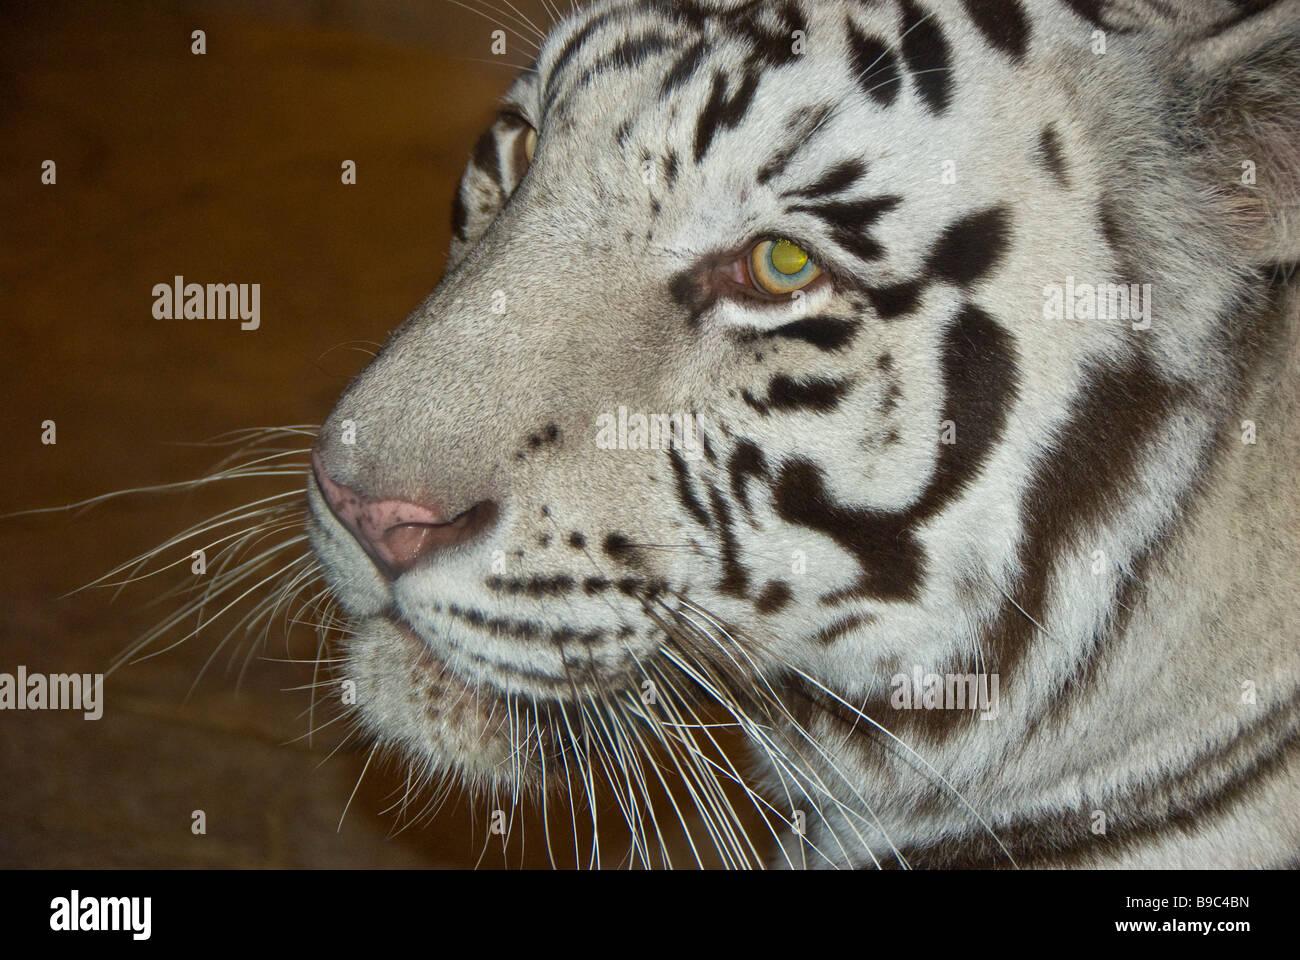 White tiger facial portrait closeup wild animal Houston Downtown Aquarium Texas tourist attraction - Stock Image